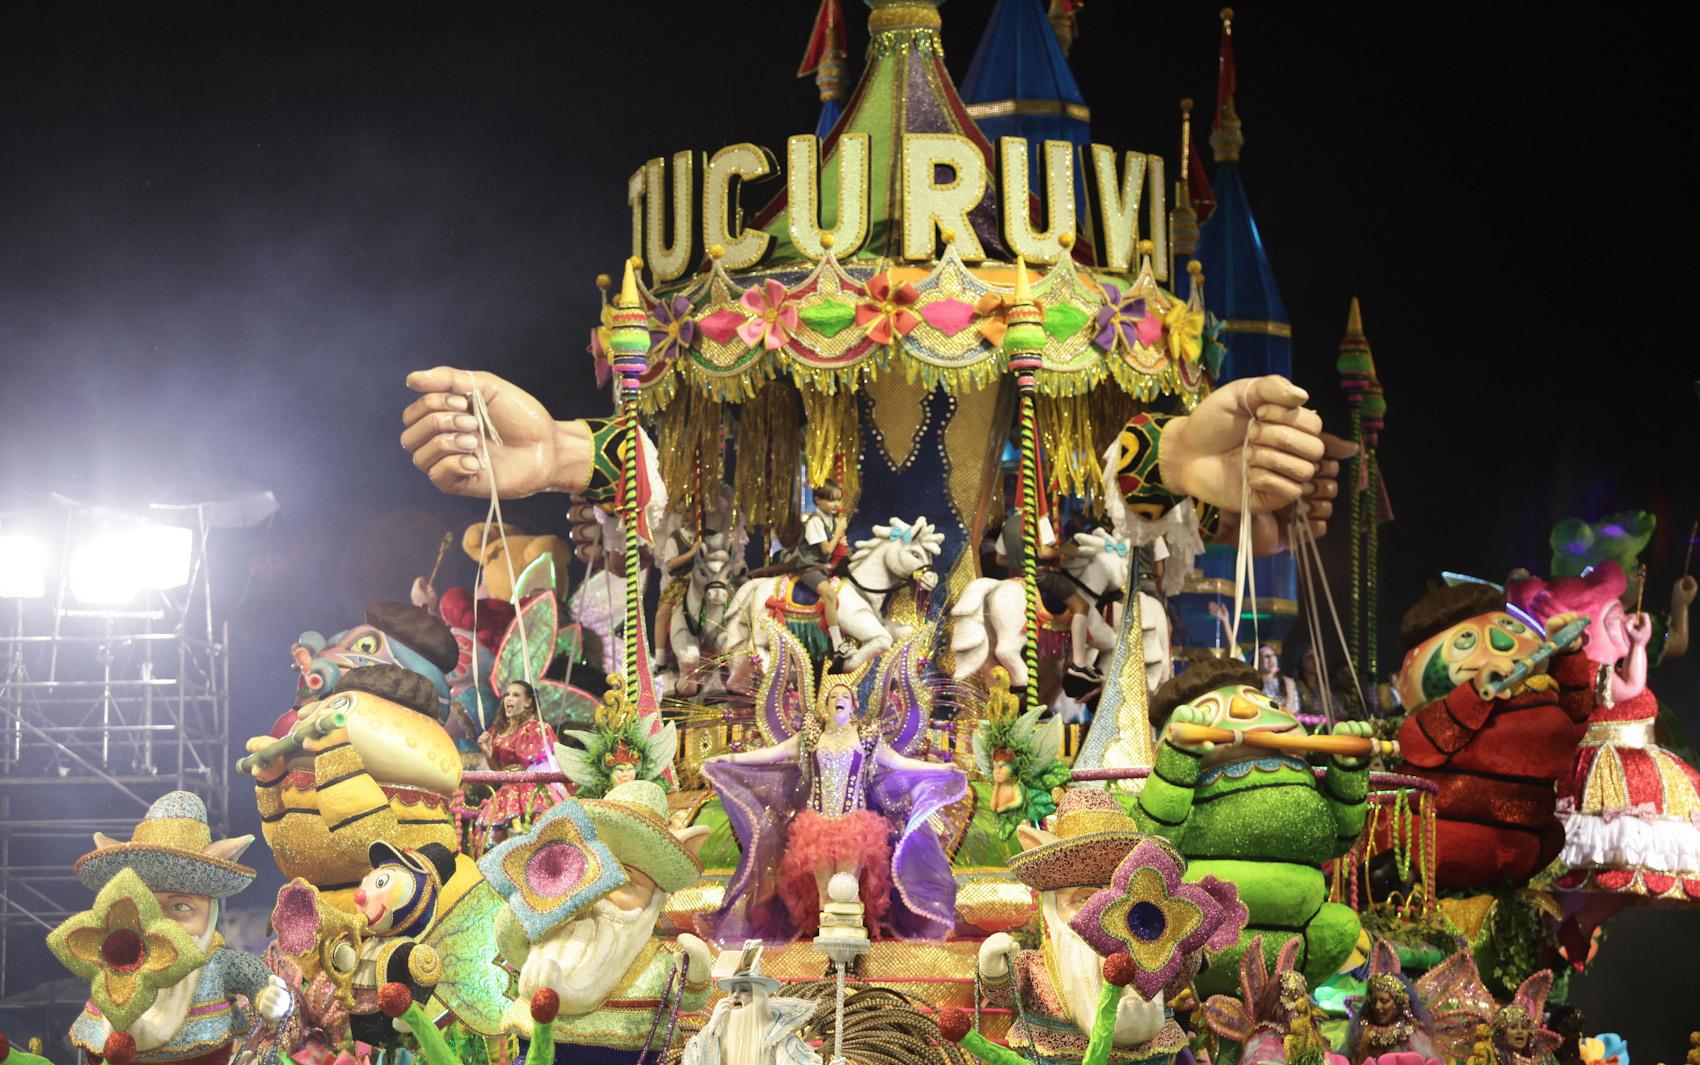 FOTOS  Desfile da Acadêmicos do Tucuruvi - fotos em Carnaval 2014 em São  Paulo - g1 a7763a7afd